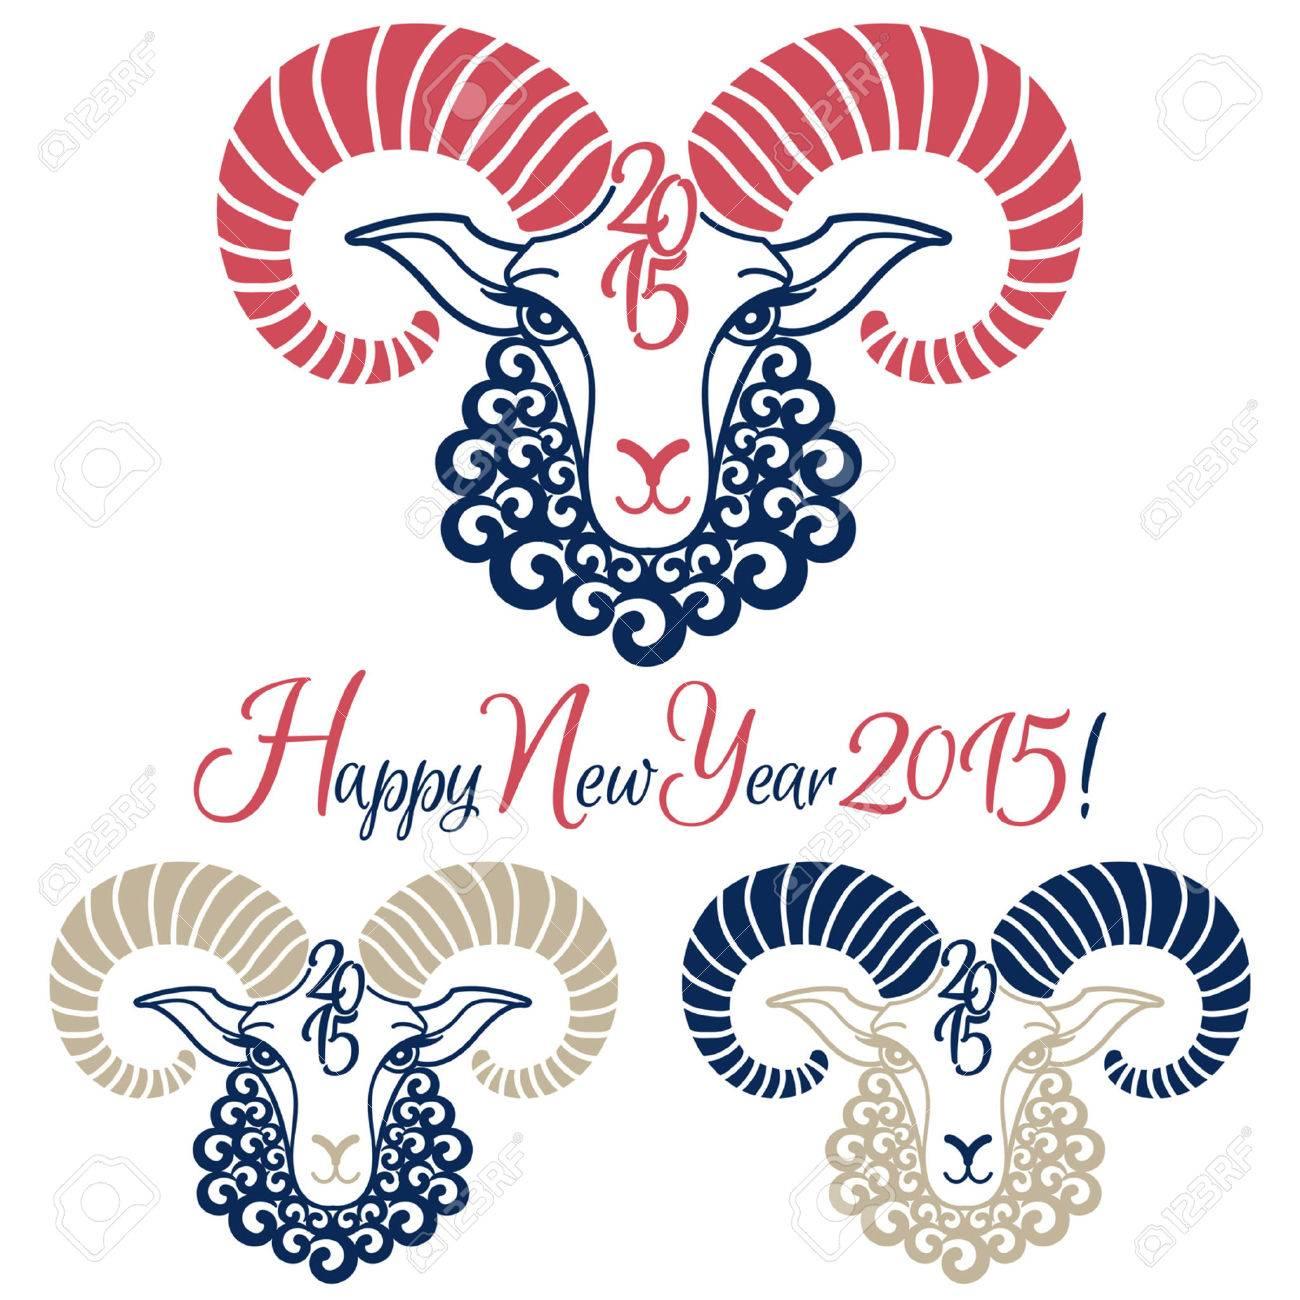 羊 15年ベクトル イラストの年を設定します 新年のご挨拶 中国の黄道帯の記号です のイラスト素材 ベクタ Image